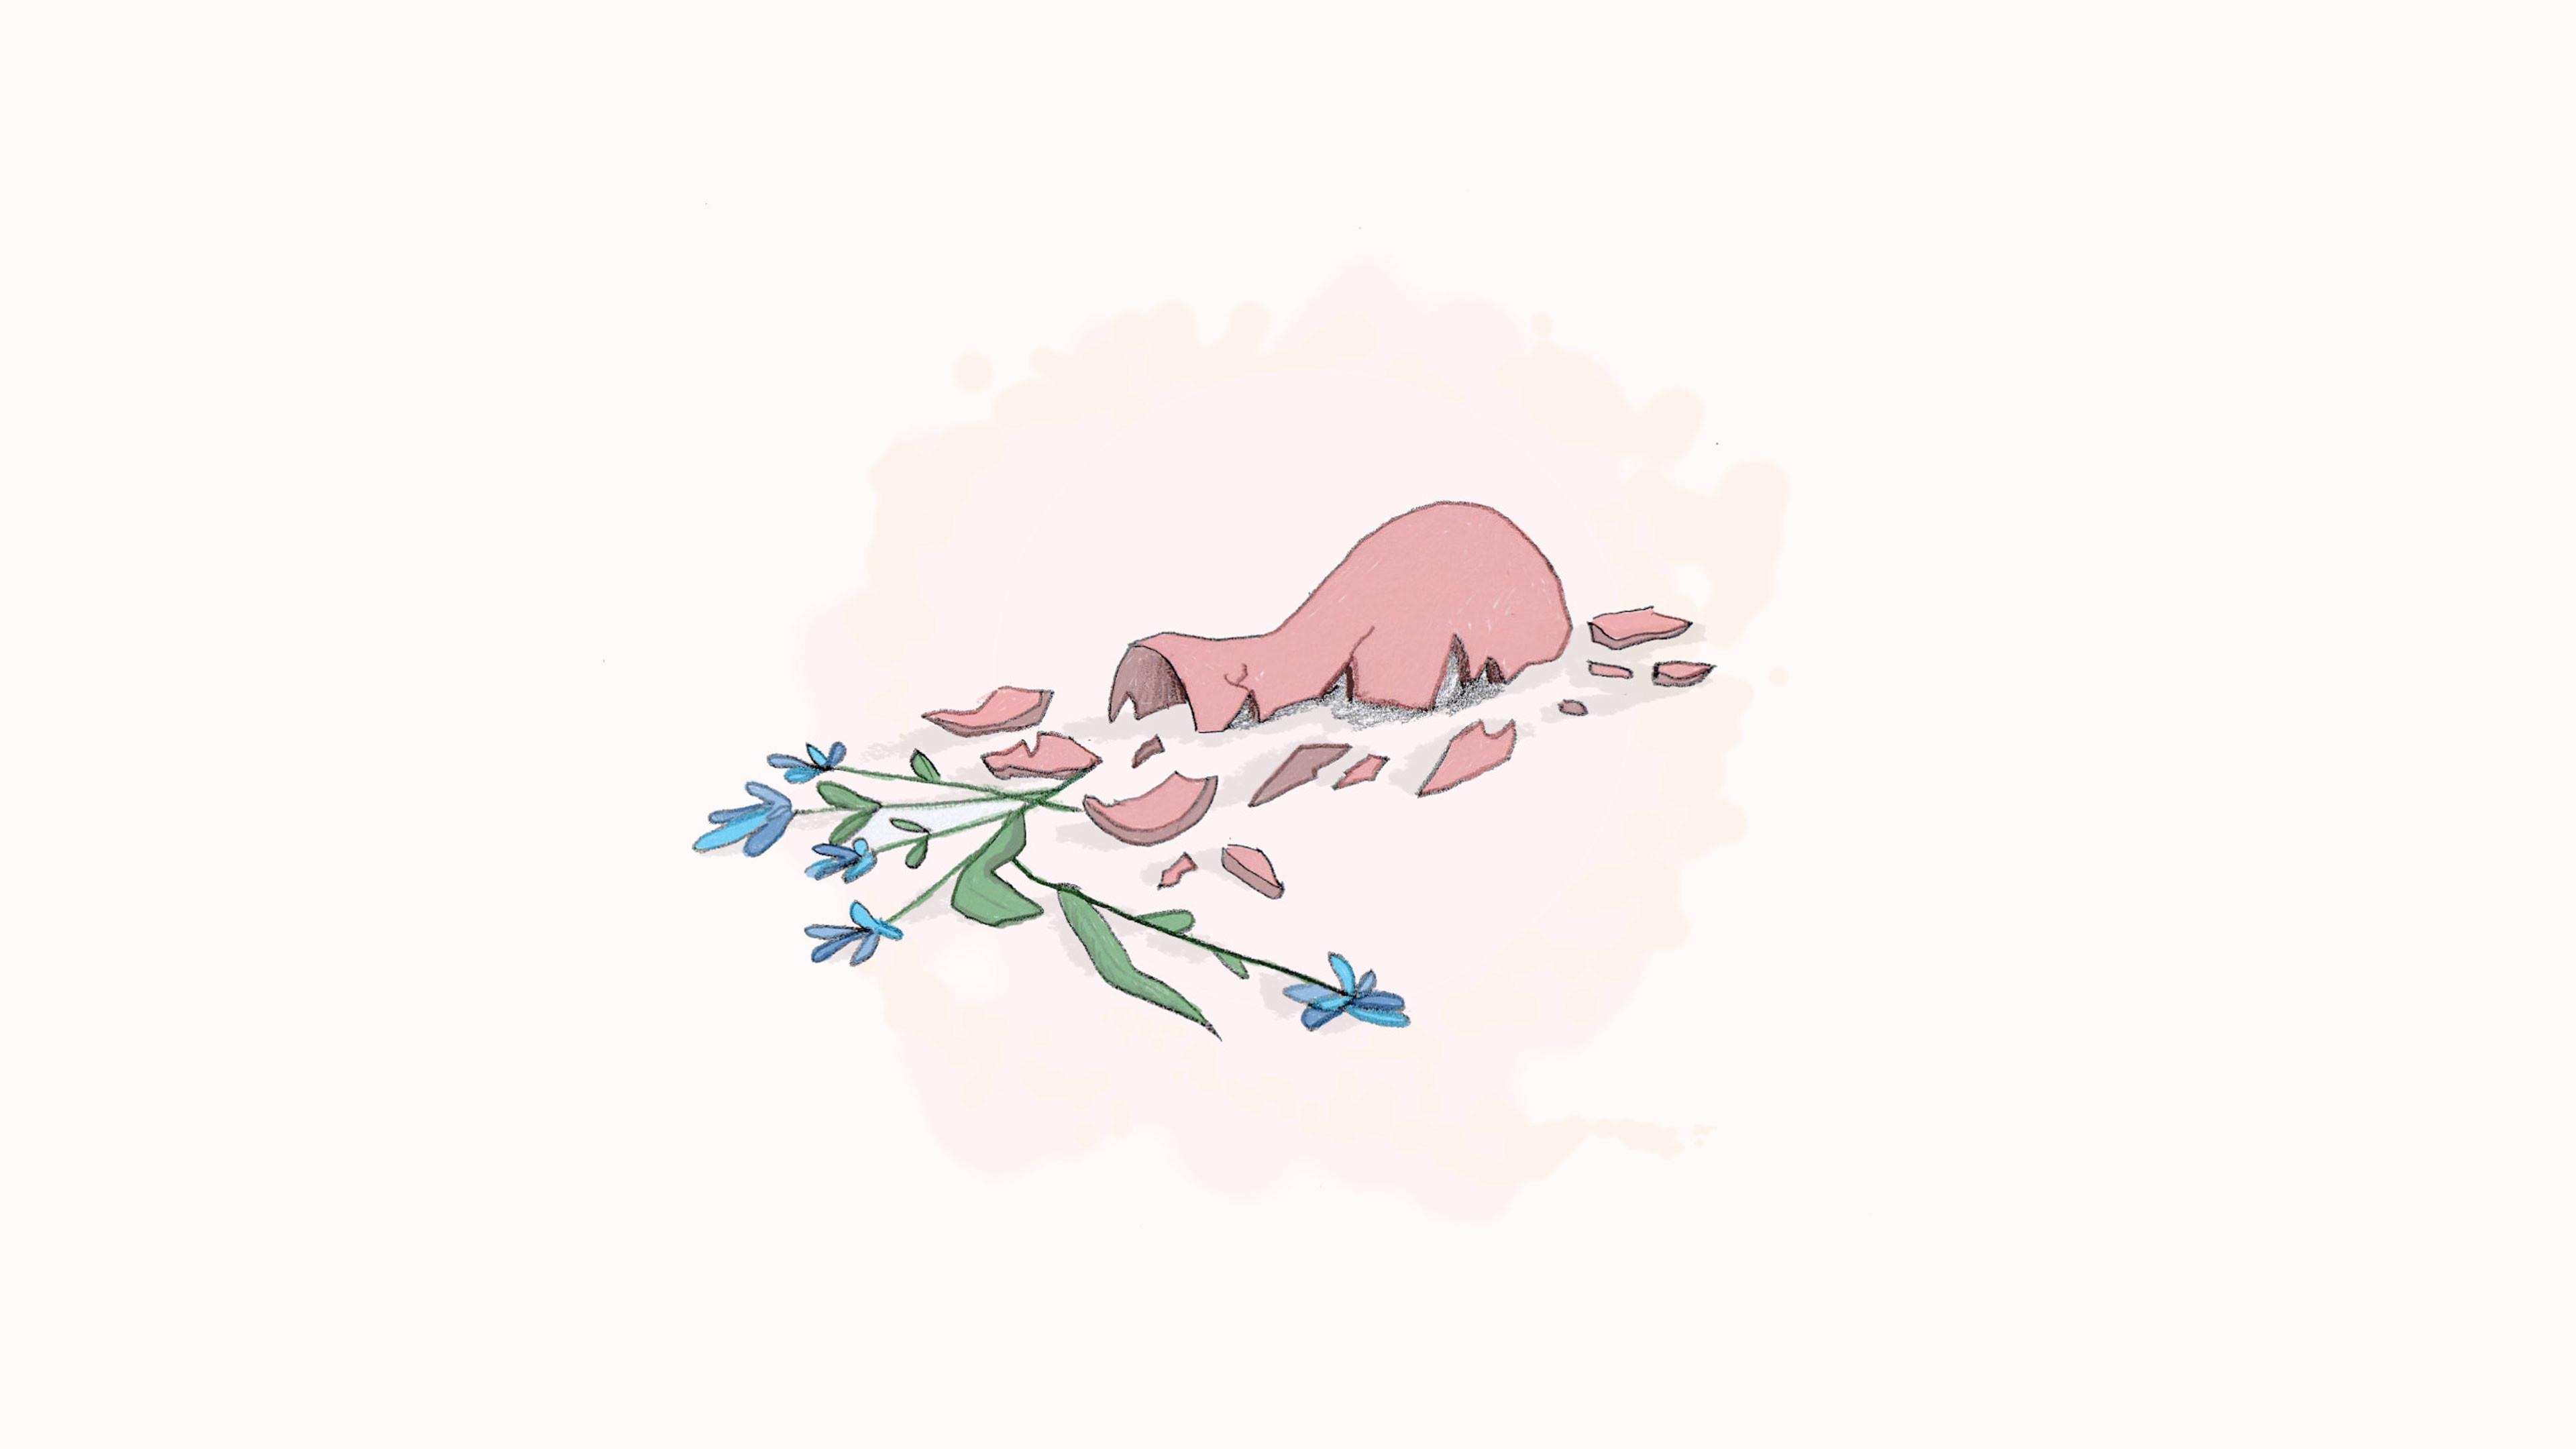 Illustration av en trasig blomvas med blå blommor som ligger utspridda bland skärvorna vilket symboliserar våld.